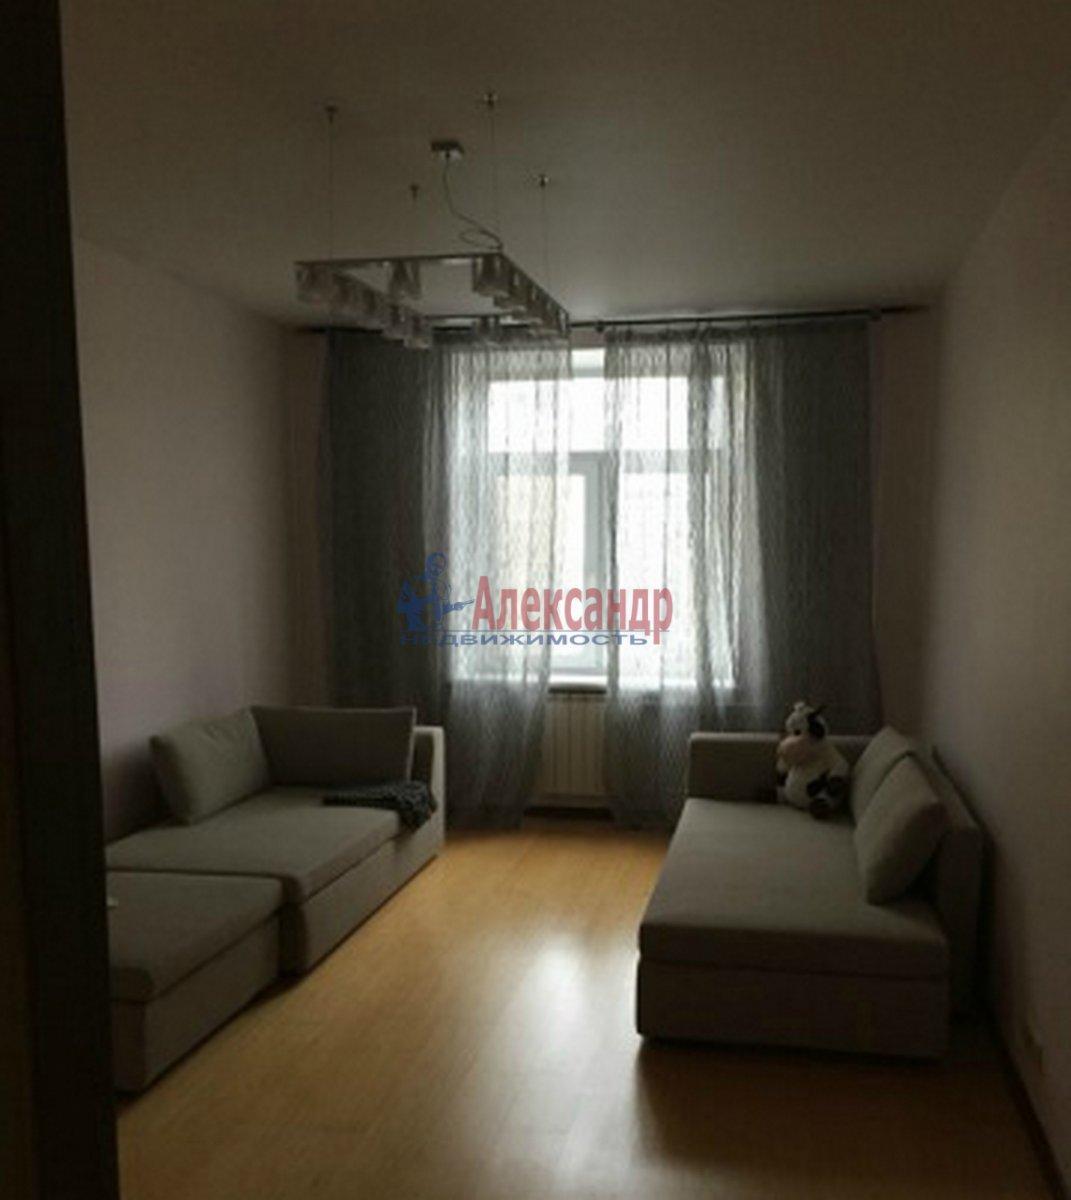 3-комнатная квартира (97м2) в аренду по адресу Московский просп.— фото 1 из 4